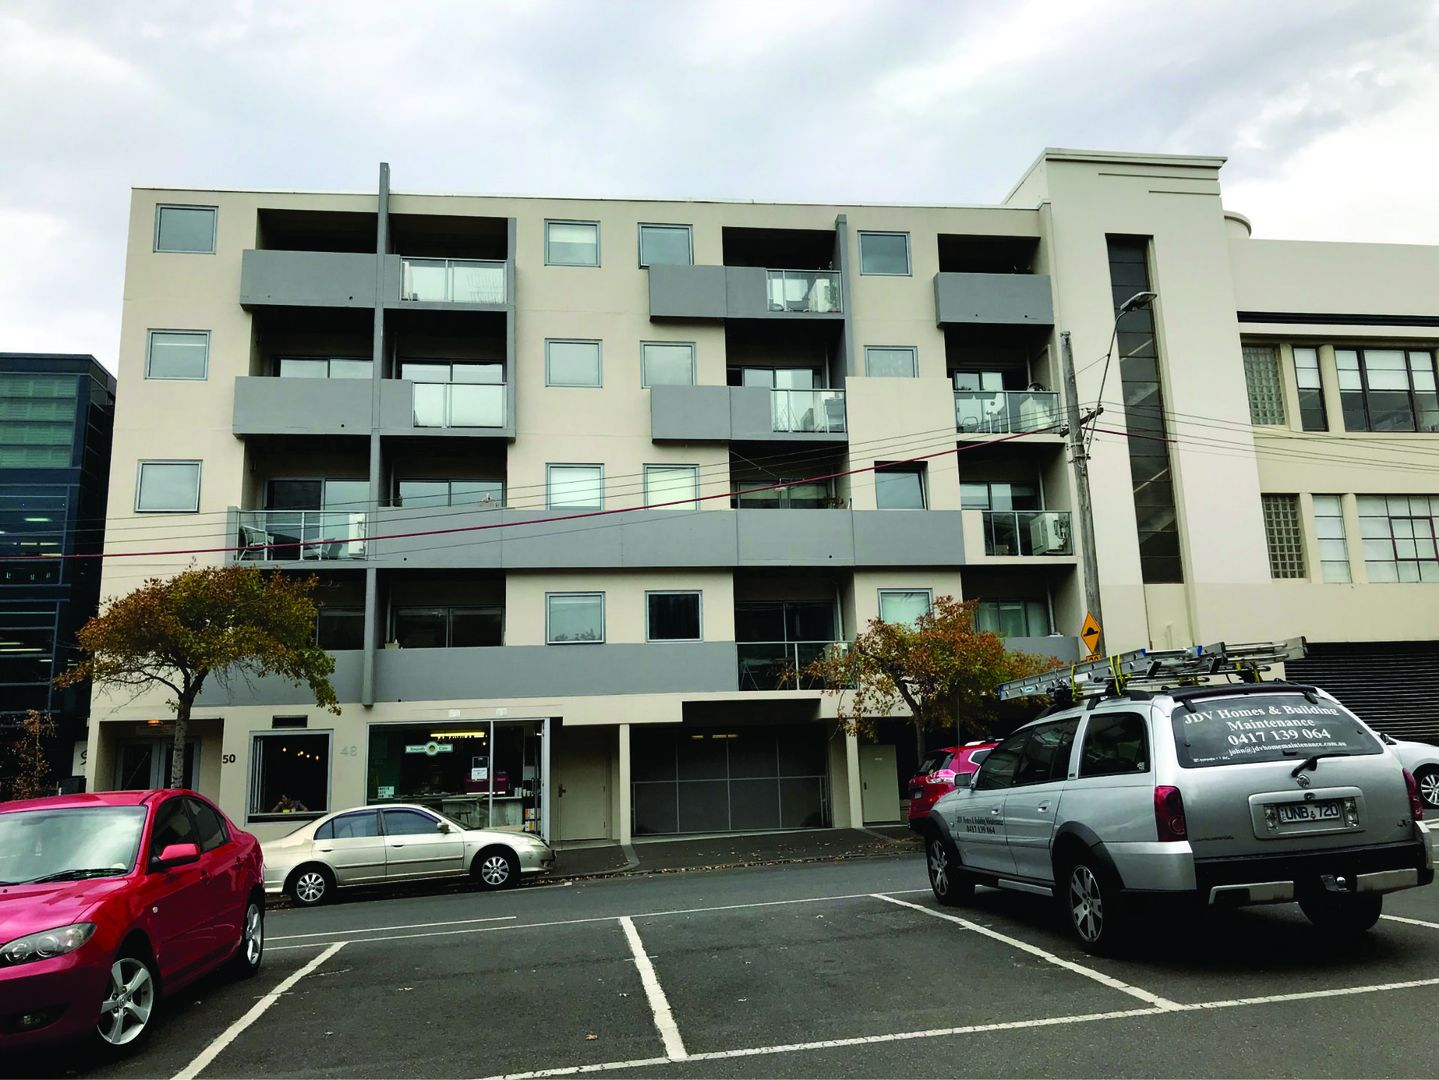 19/48-50 Rosslyn Street, West Melbourne VIC 3003, Image 0